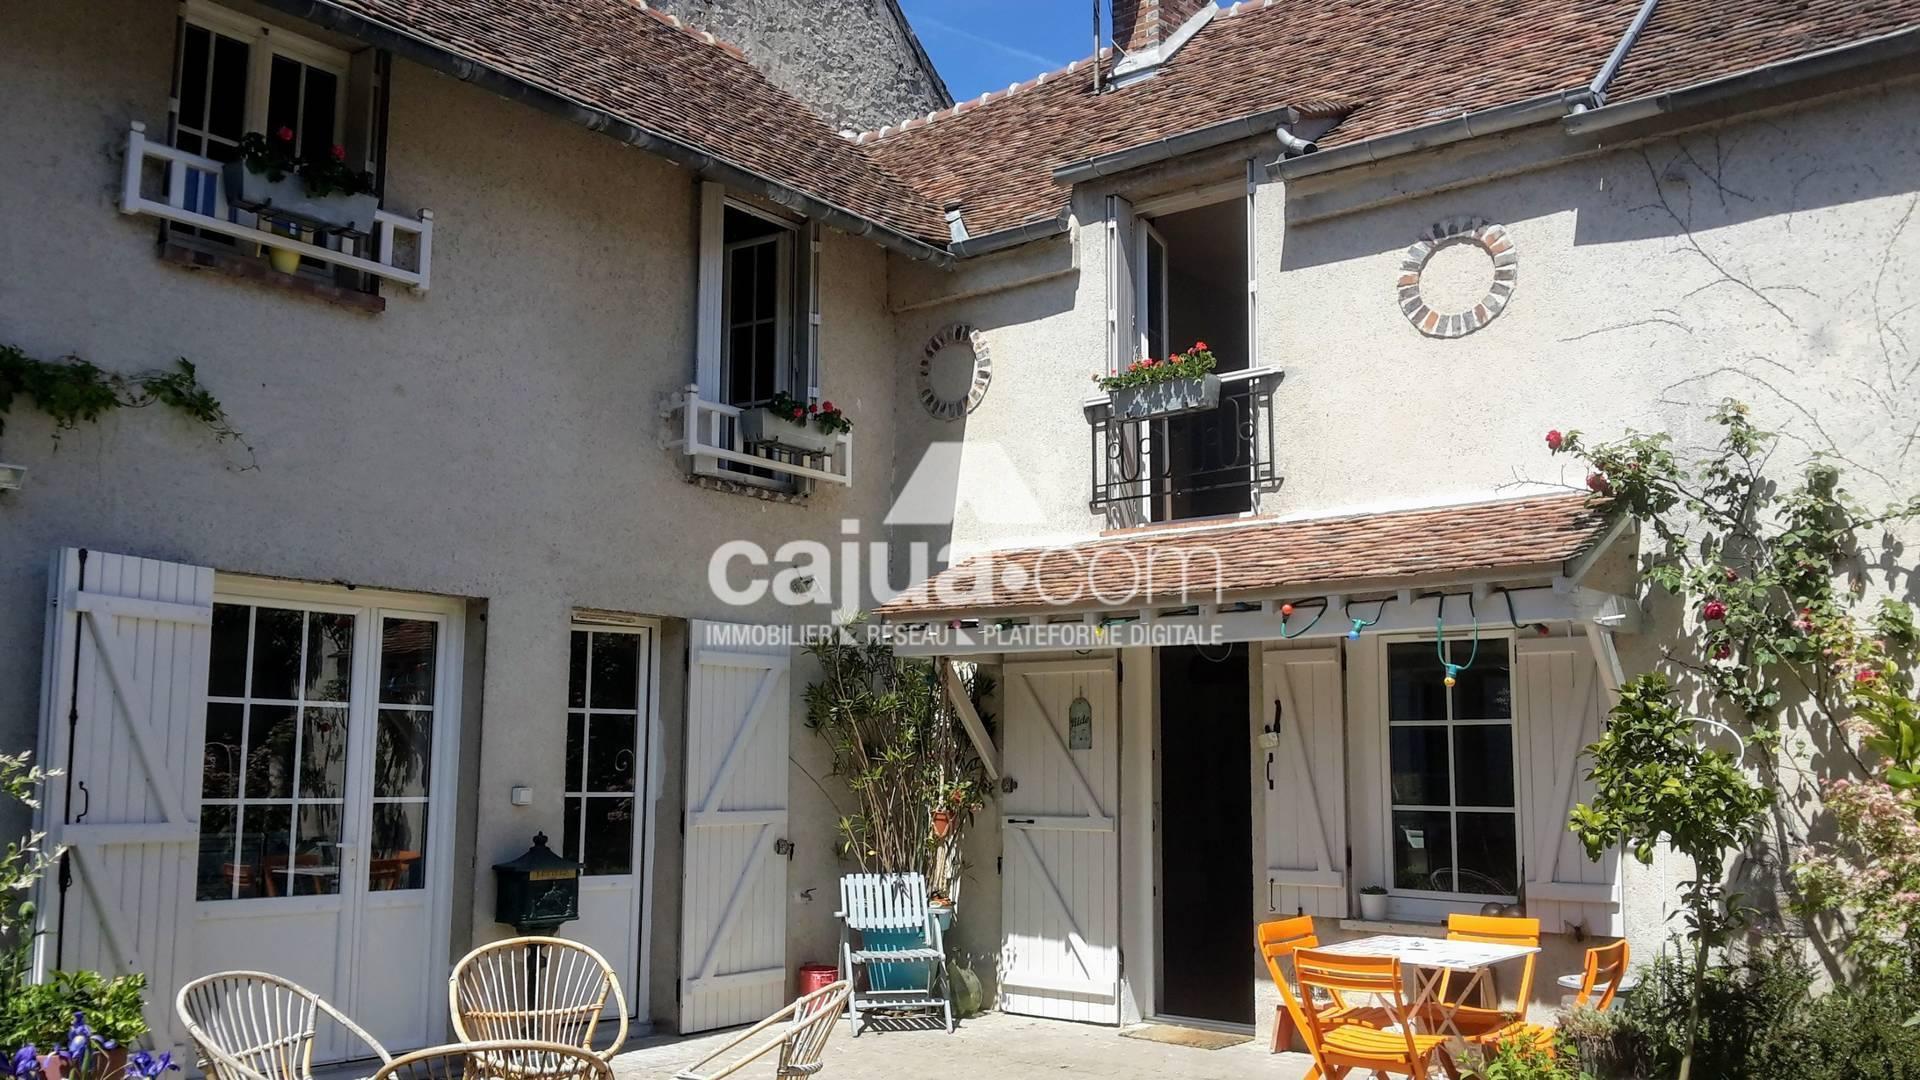 Baie Vitrée Voutée vente maison 6 pièces 160 m² villiers-sous-grez 77760